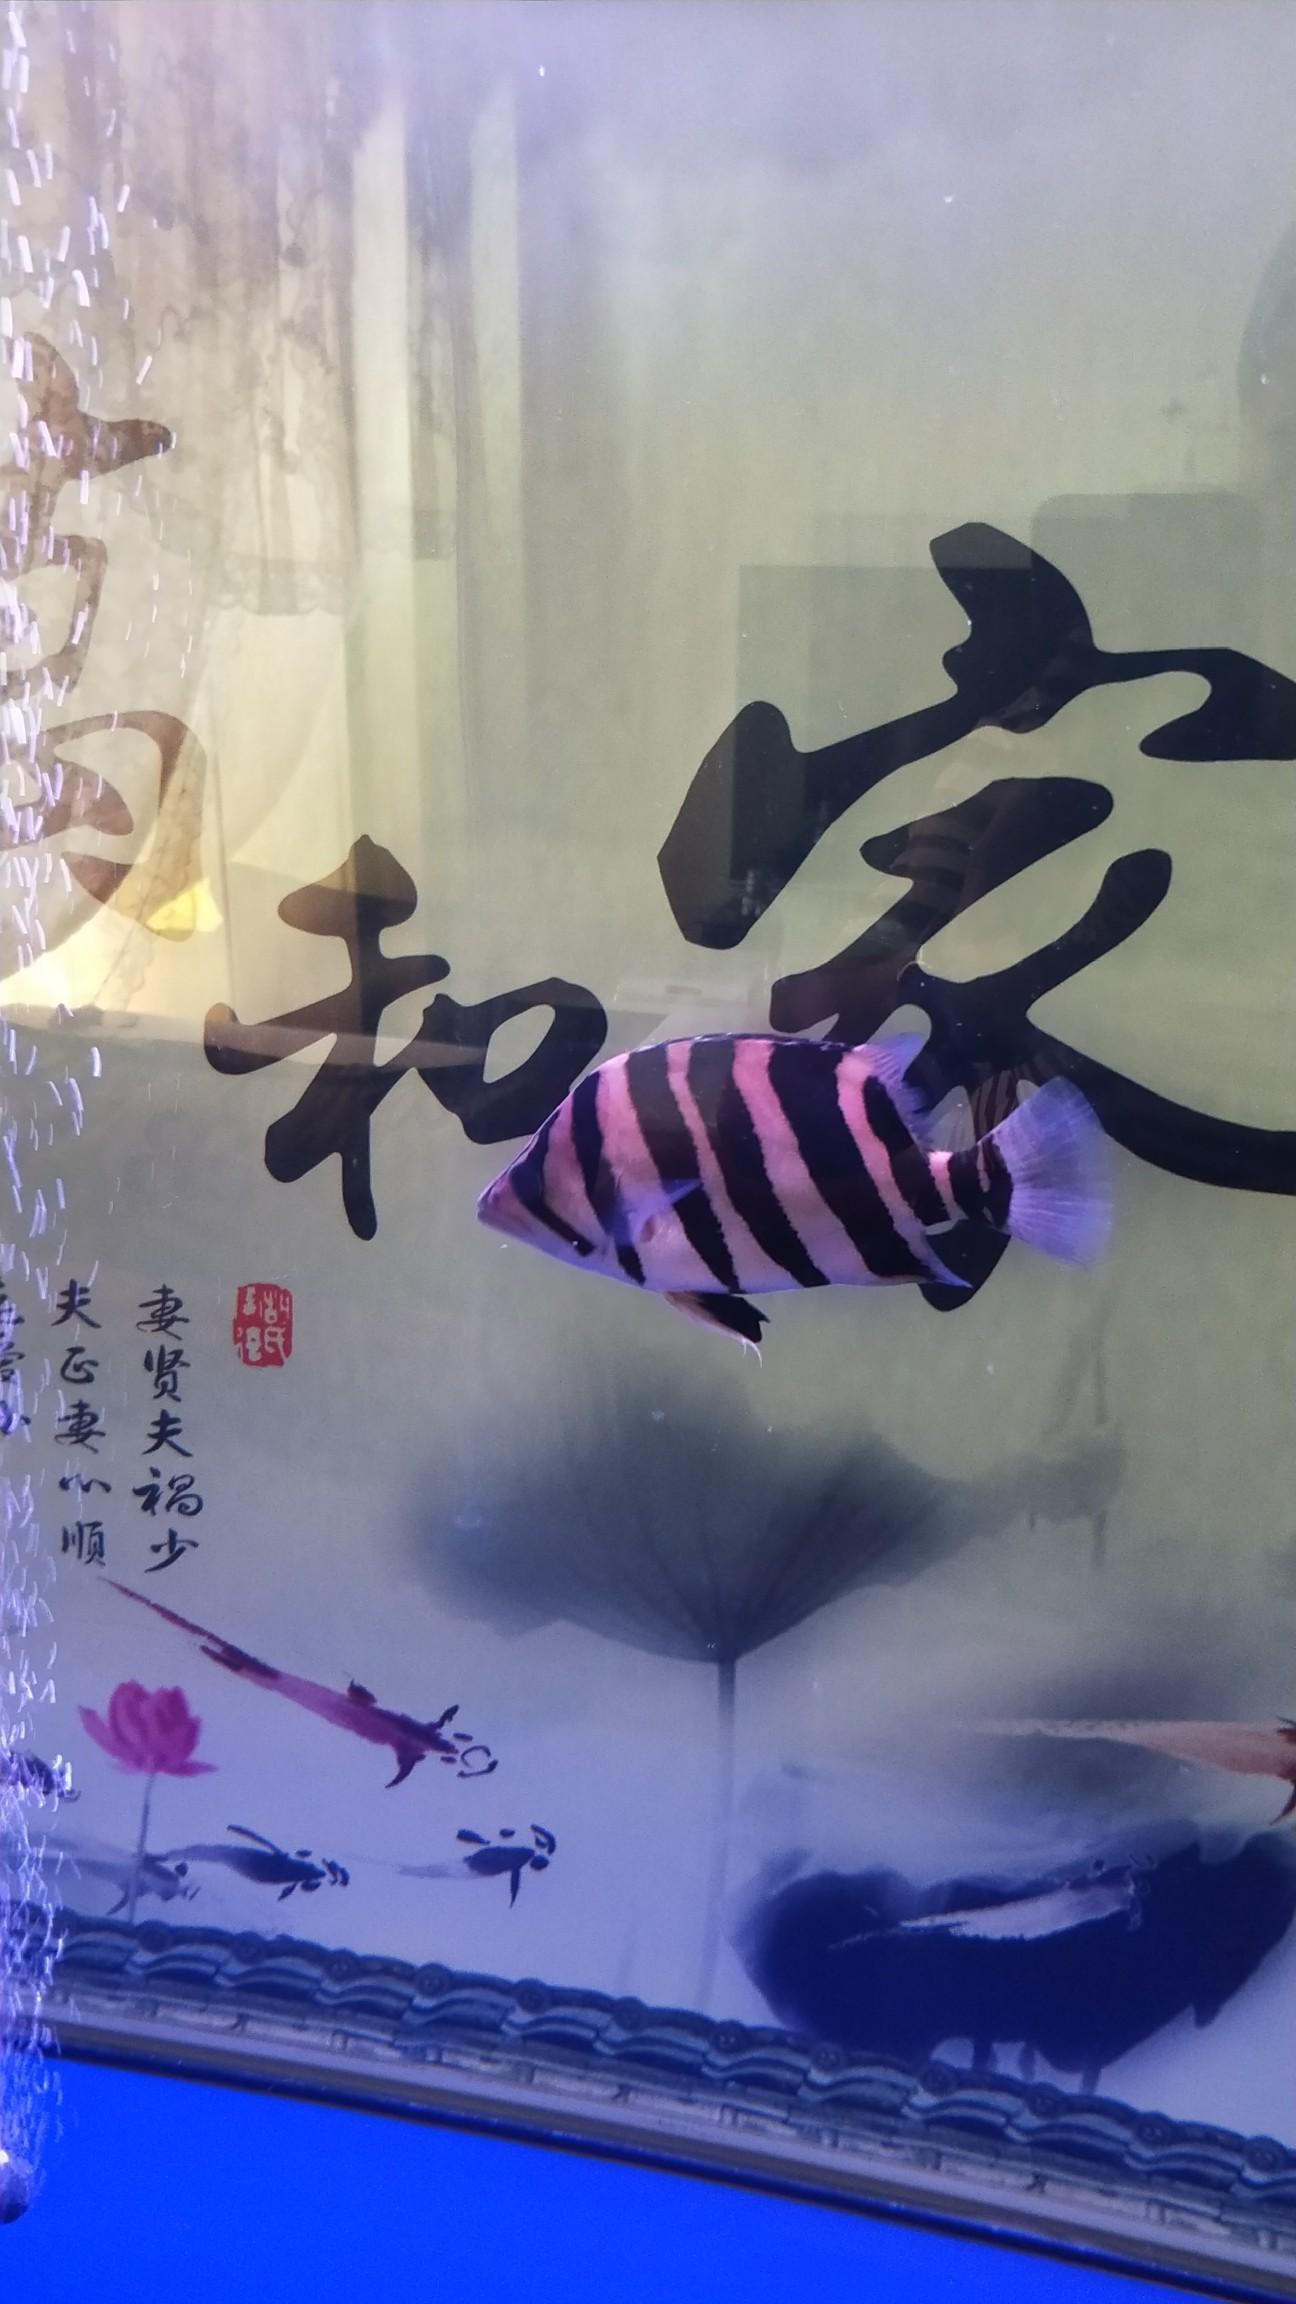 【西安最贵最好龙鱼】虎[emoji:8J+QoA==] 西安龙鱼论坛 西安博特第3张